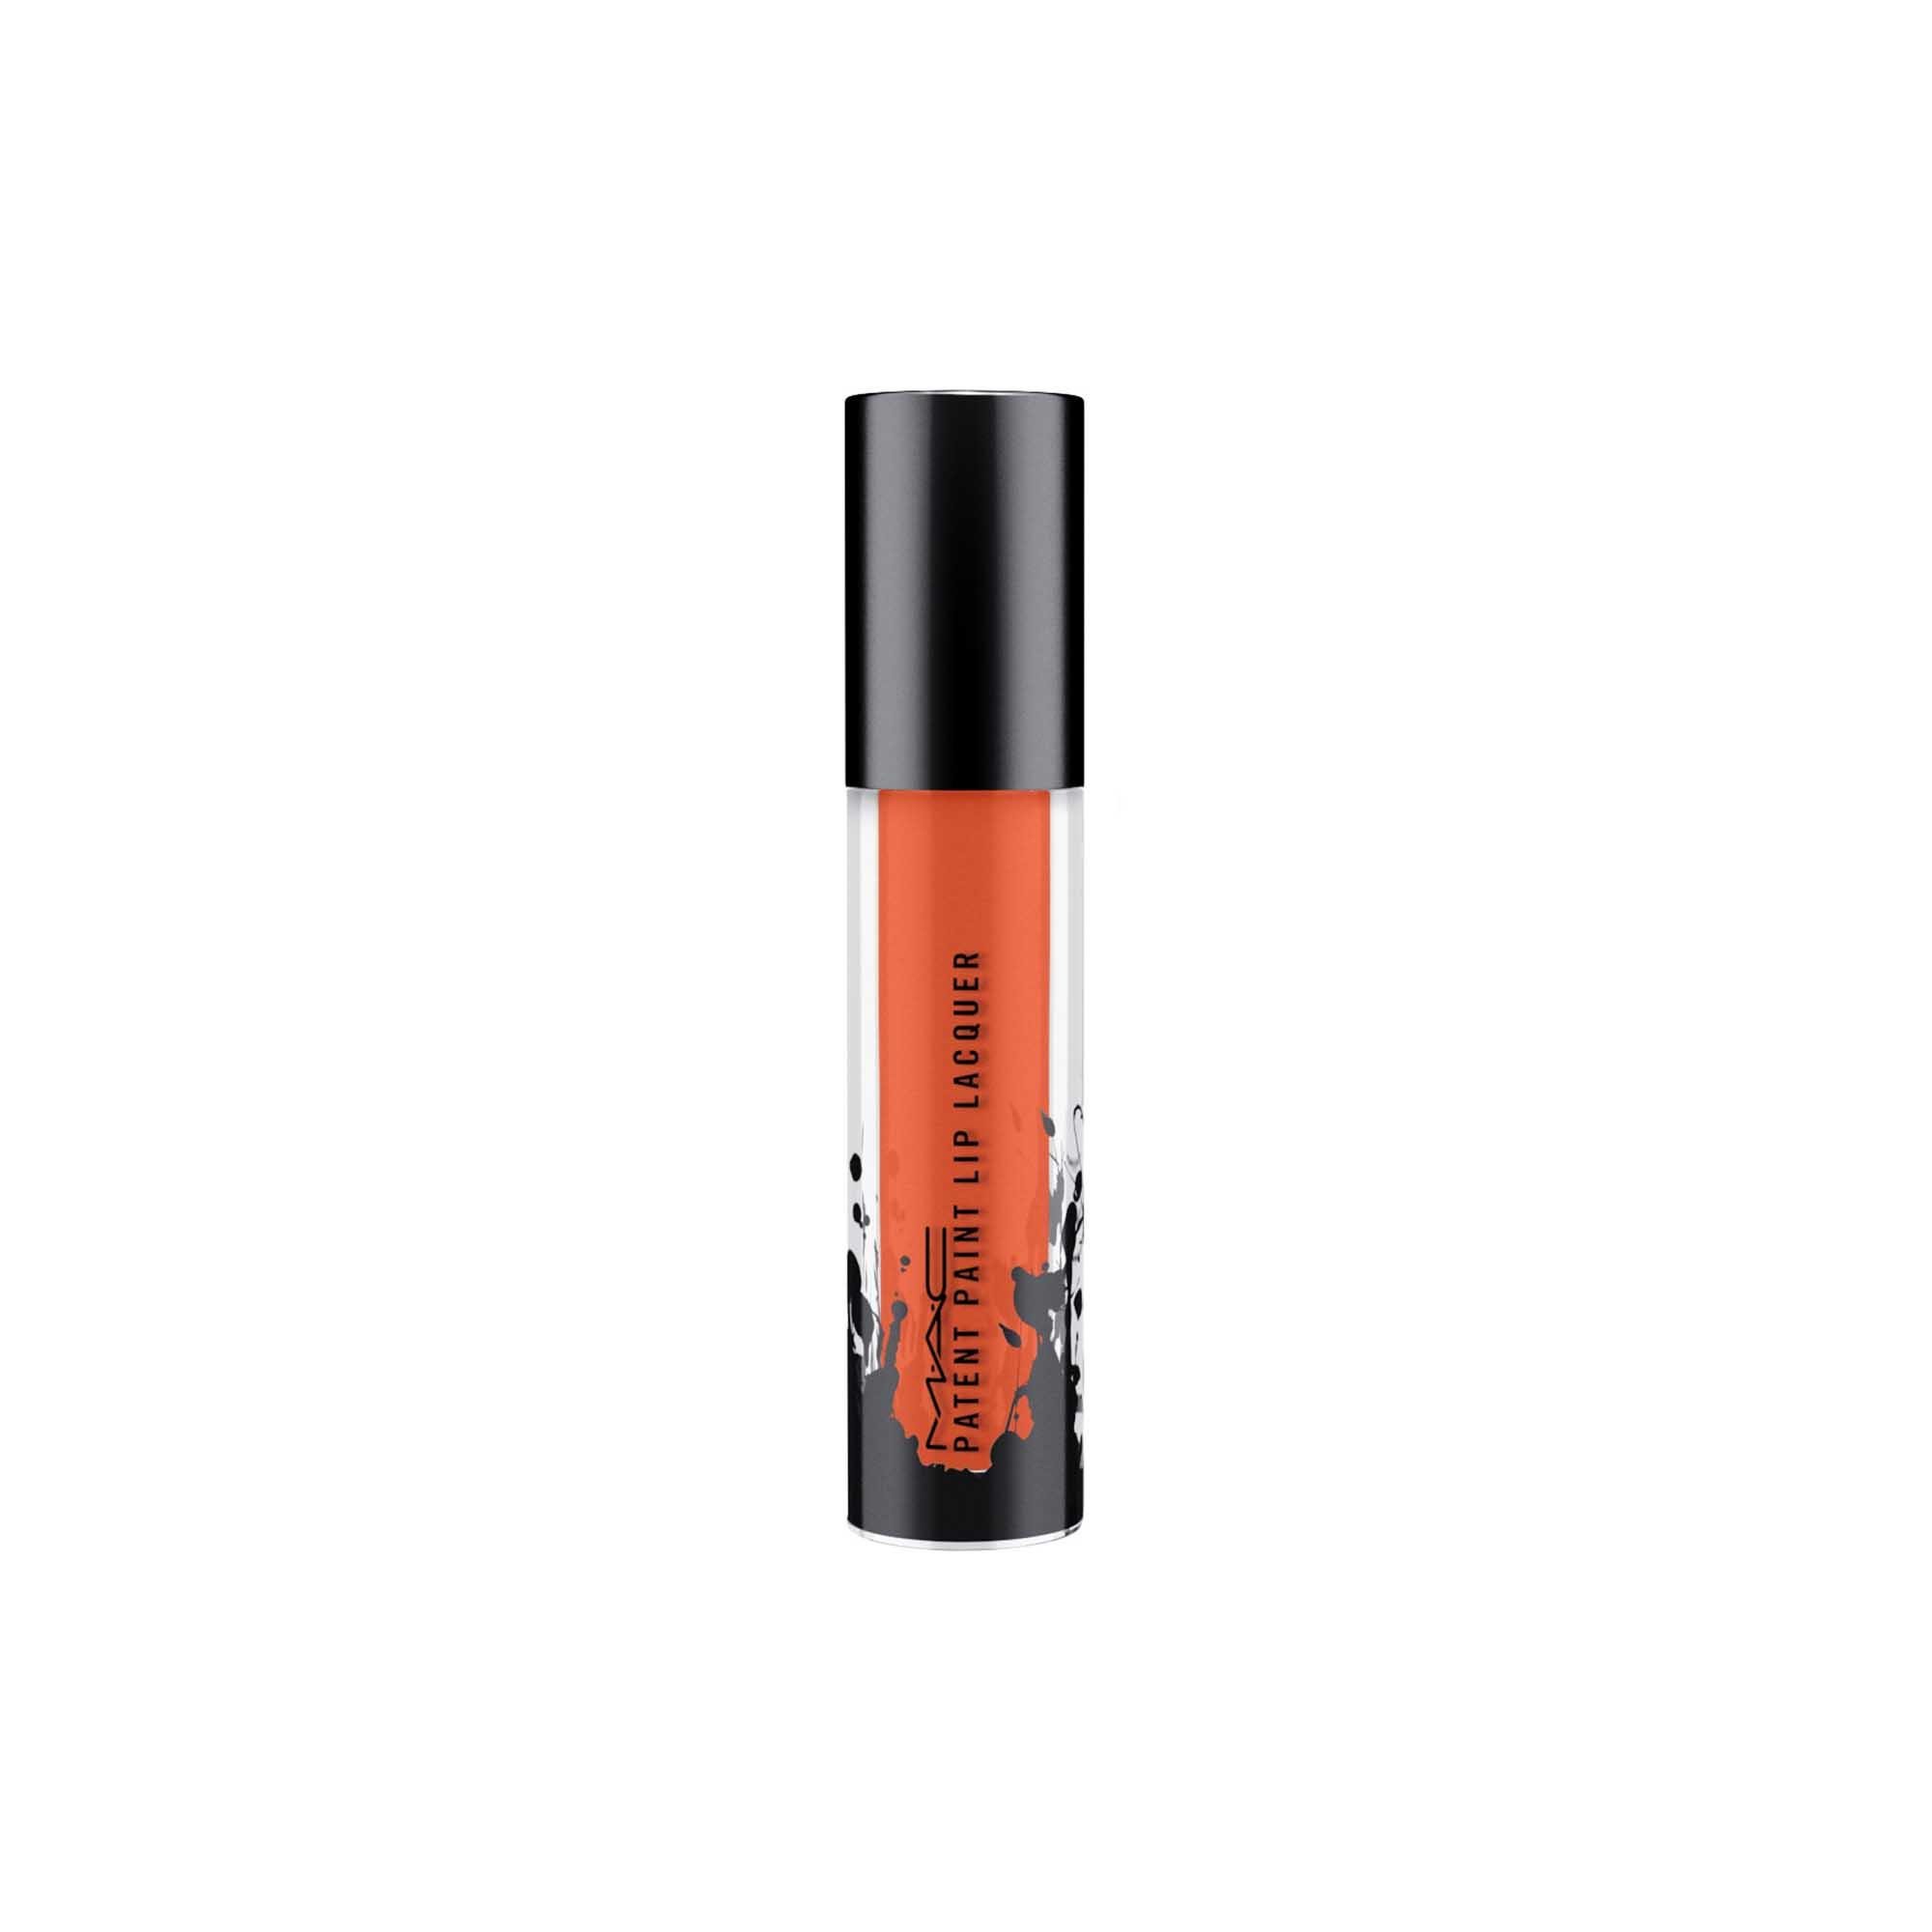 Mac M·A·C PATENT PAINT LIP LACQUER Patent Paint Lip Laquer 3.8 g Painted Desert 859922